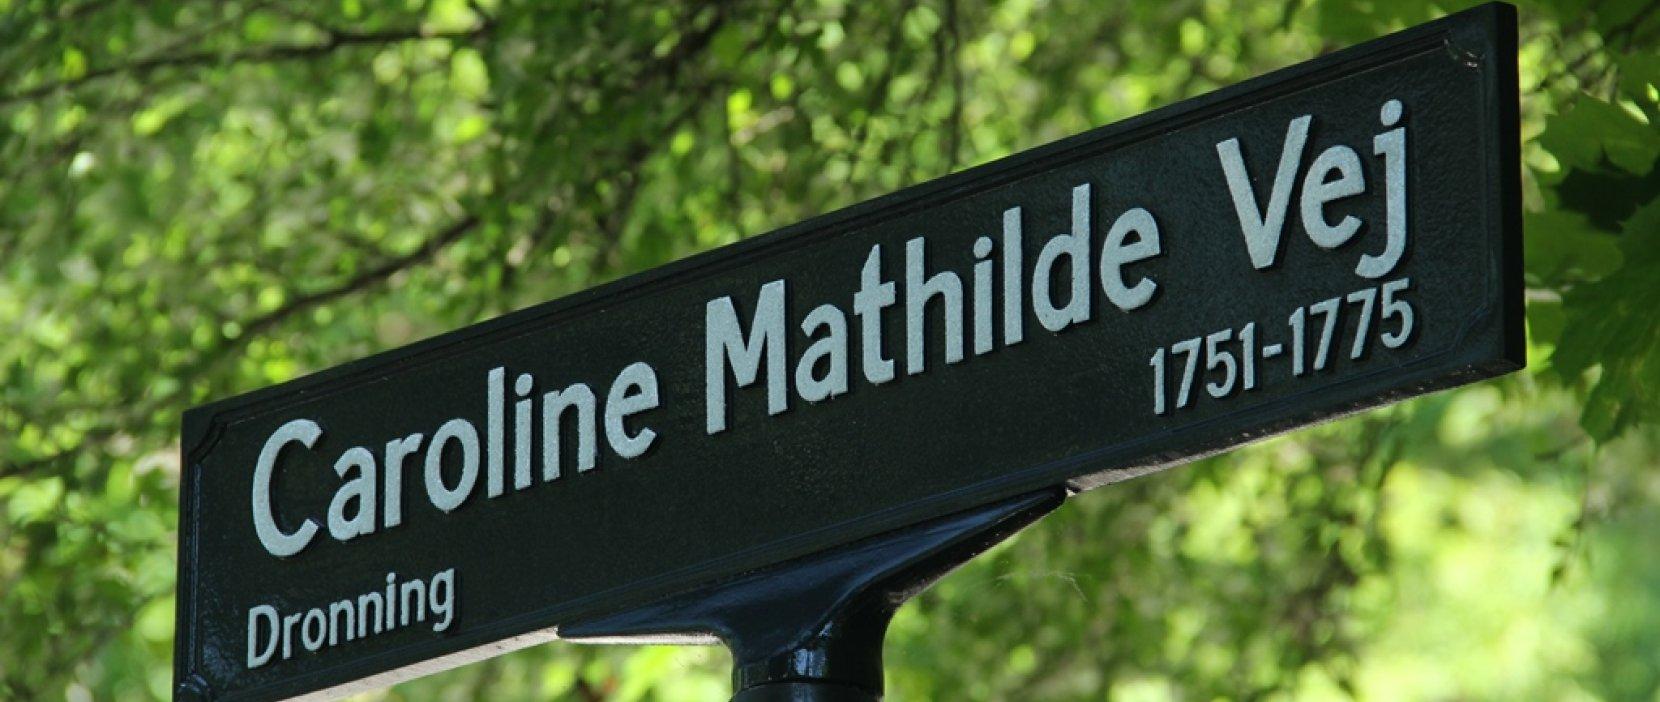 skilt med Caroline Mathilde Vej